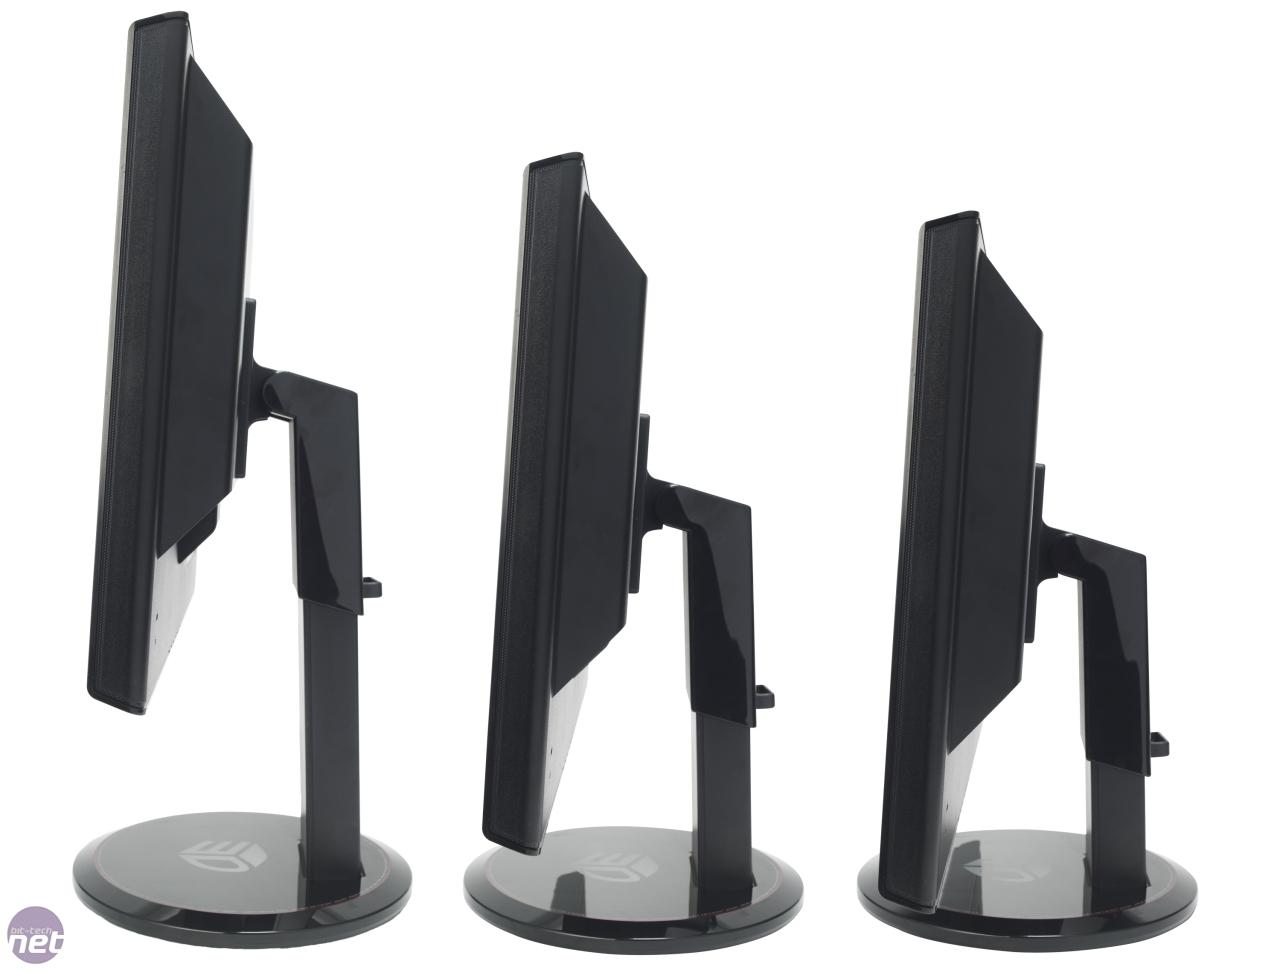 Ecran Moniteur LCD 23 pouces Wide Asus VG236H (2ms) DVI/HDMI/YUV, informatique ile de la Réunion 974